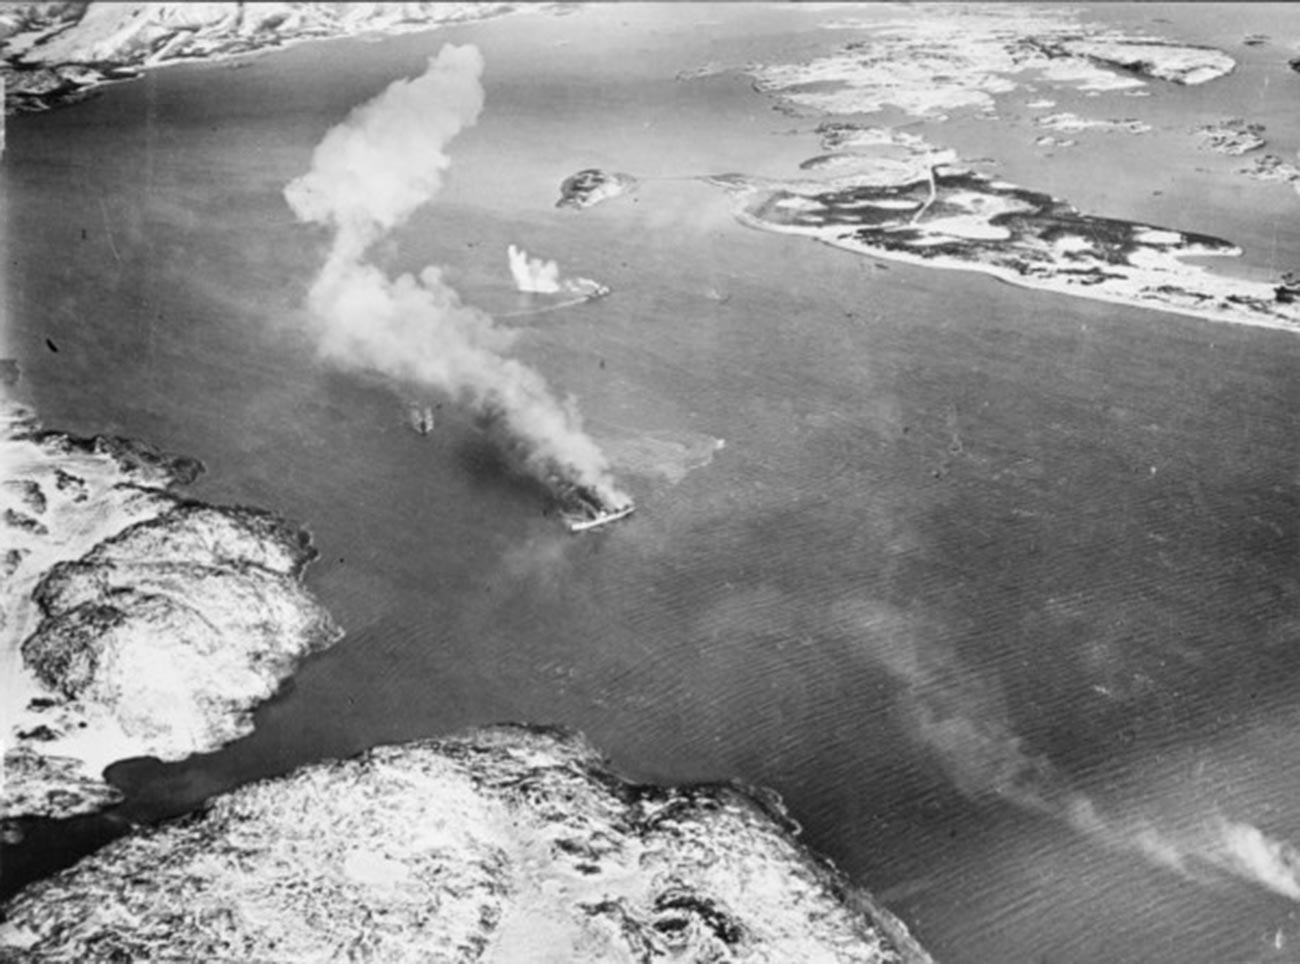 Das von Deutschland kontrollierte Gefangenenschiff Rigel und eine kleine V-Boot-Eskorte brannten, nachdem sie von britischen Flugzeugen bombardiert und beschossen worden waren.